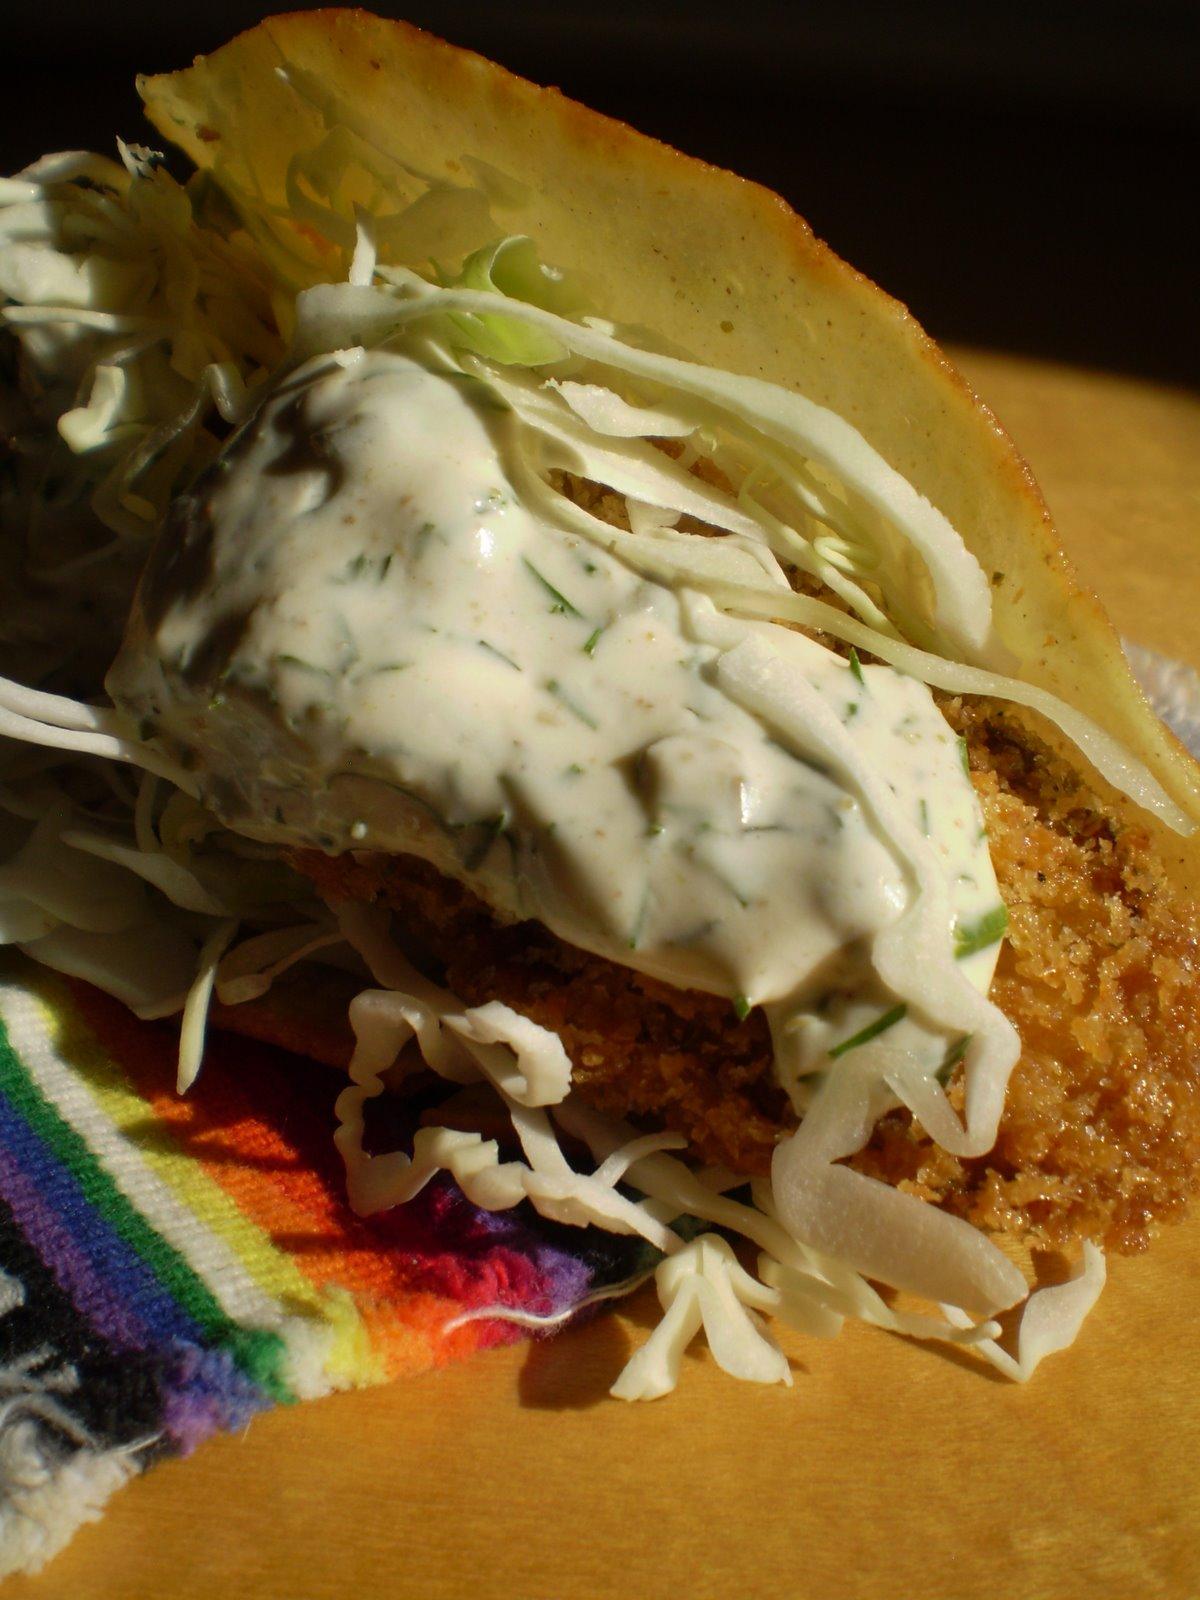 Vegan fish tacos vegan recipes for vegans and for Vegan fish tacos